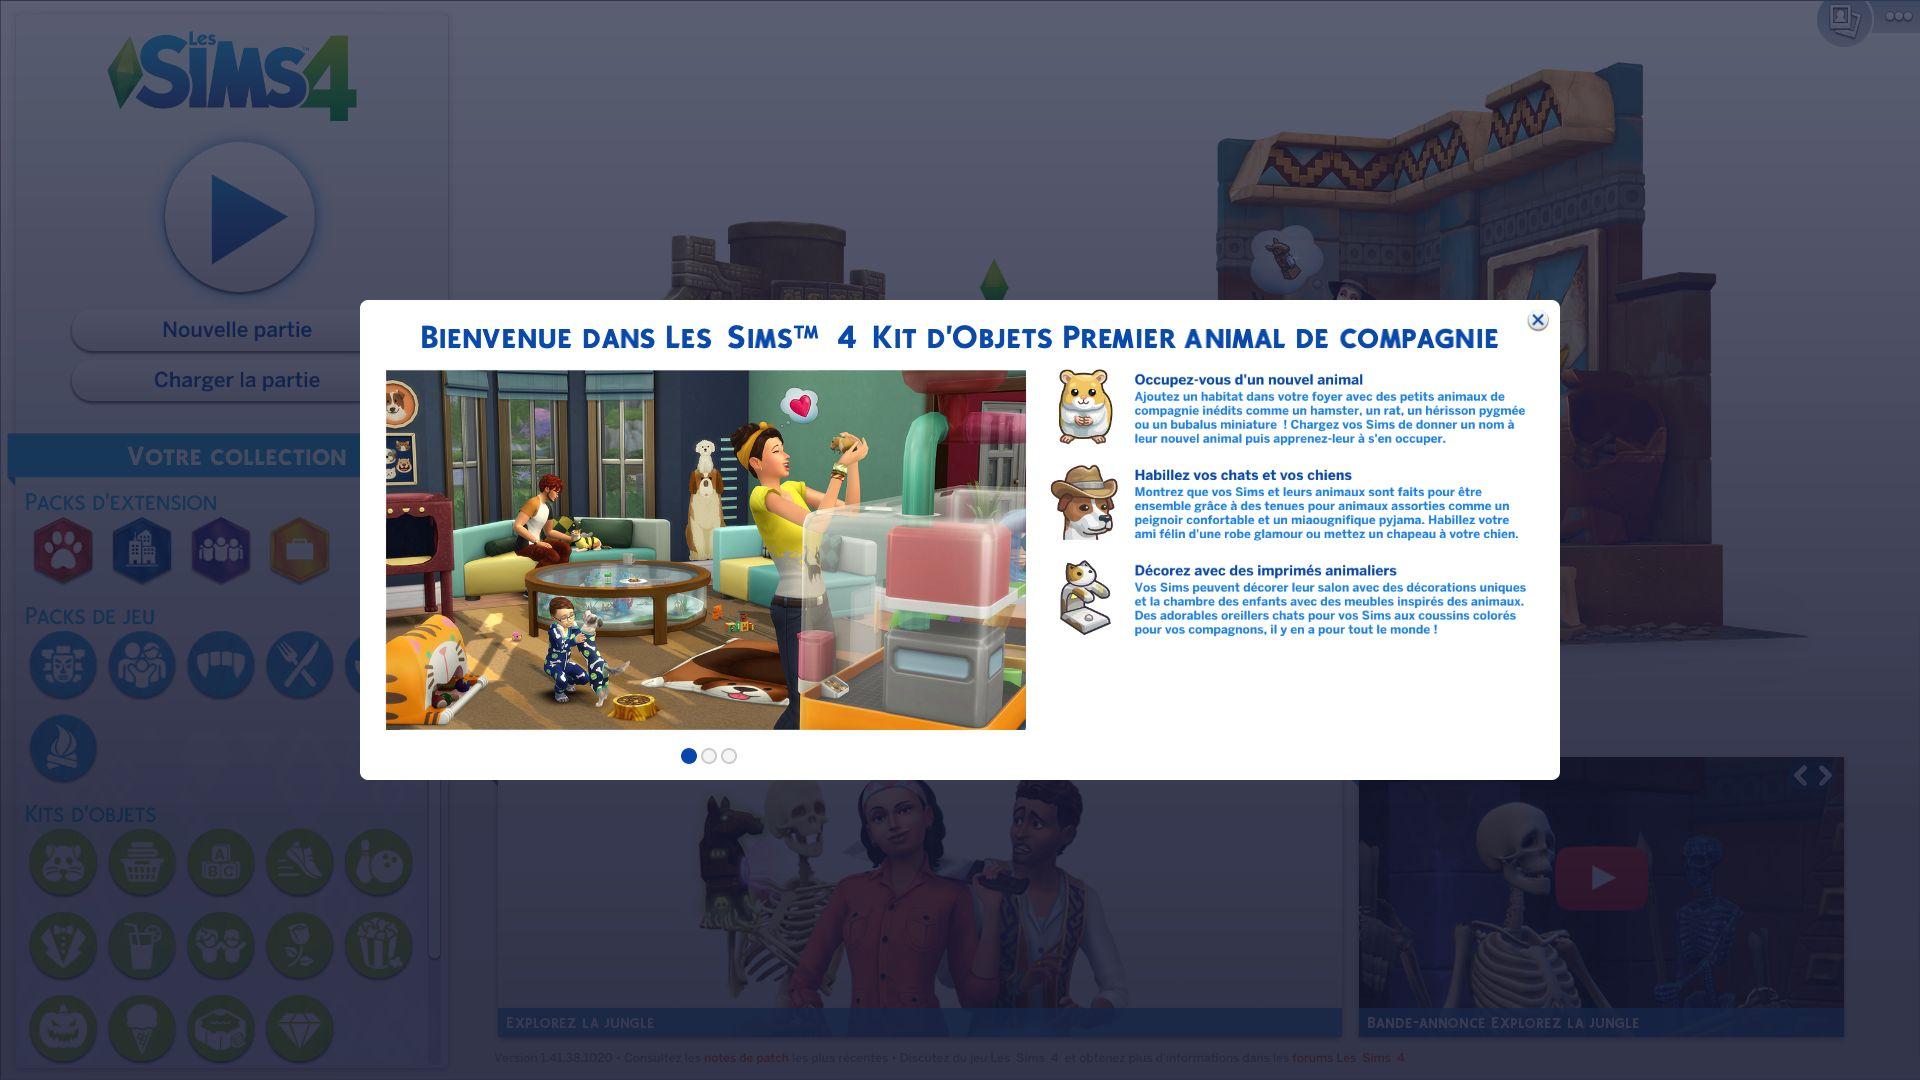 Les Sims 4 Apercu Du Kit D Objets Premier Animal De